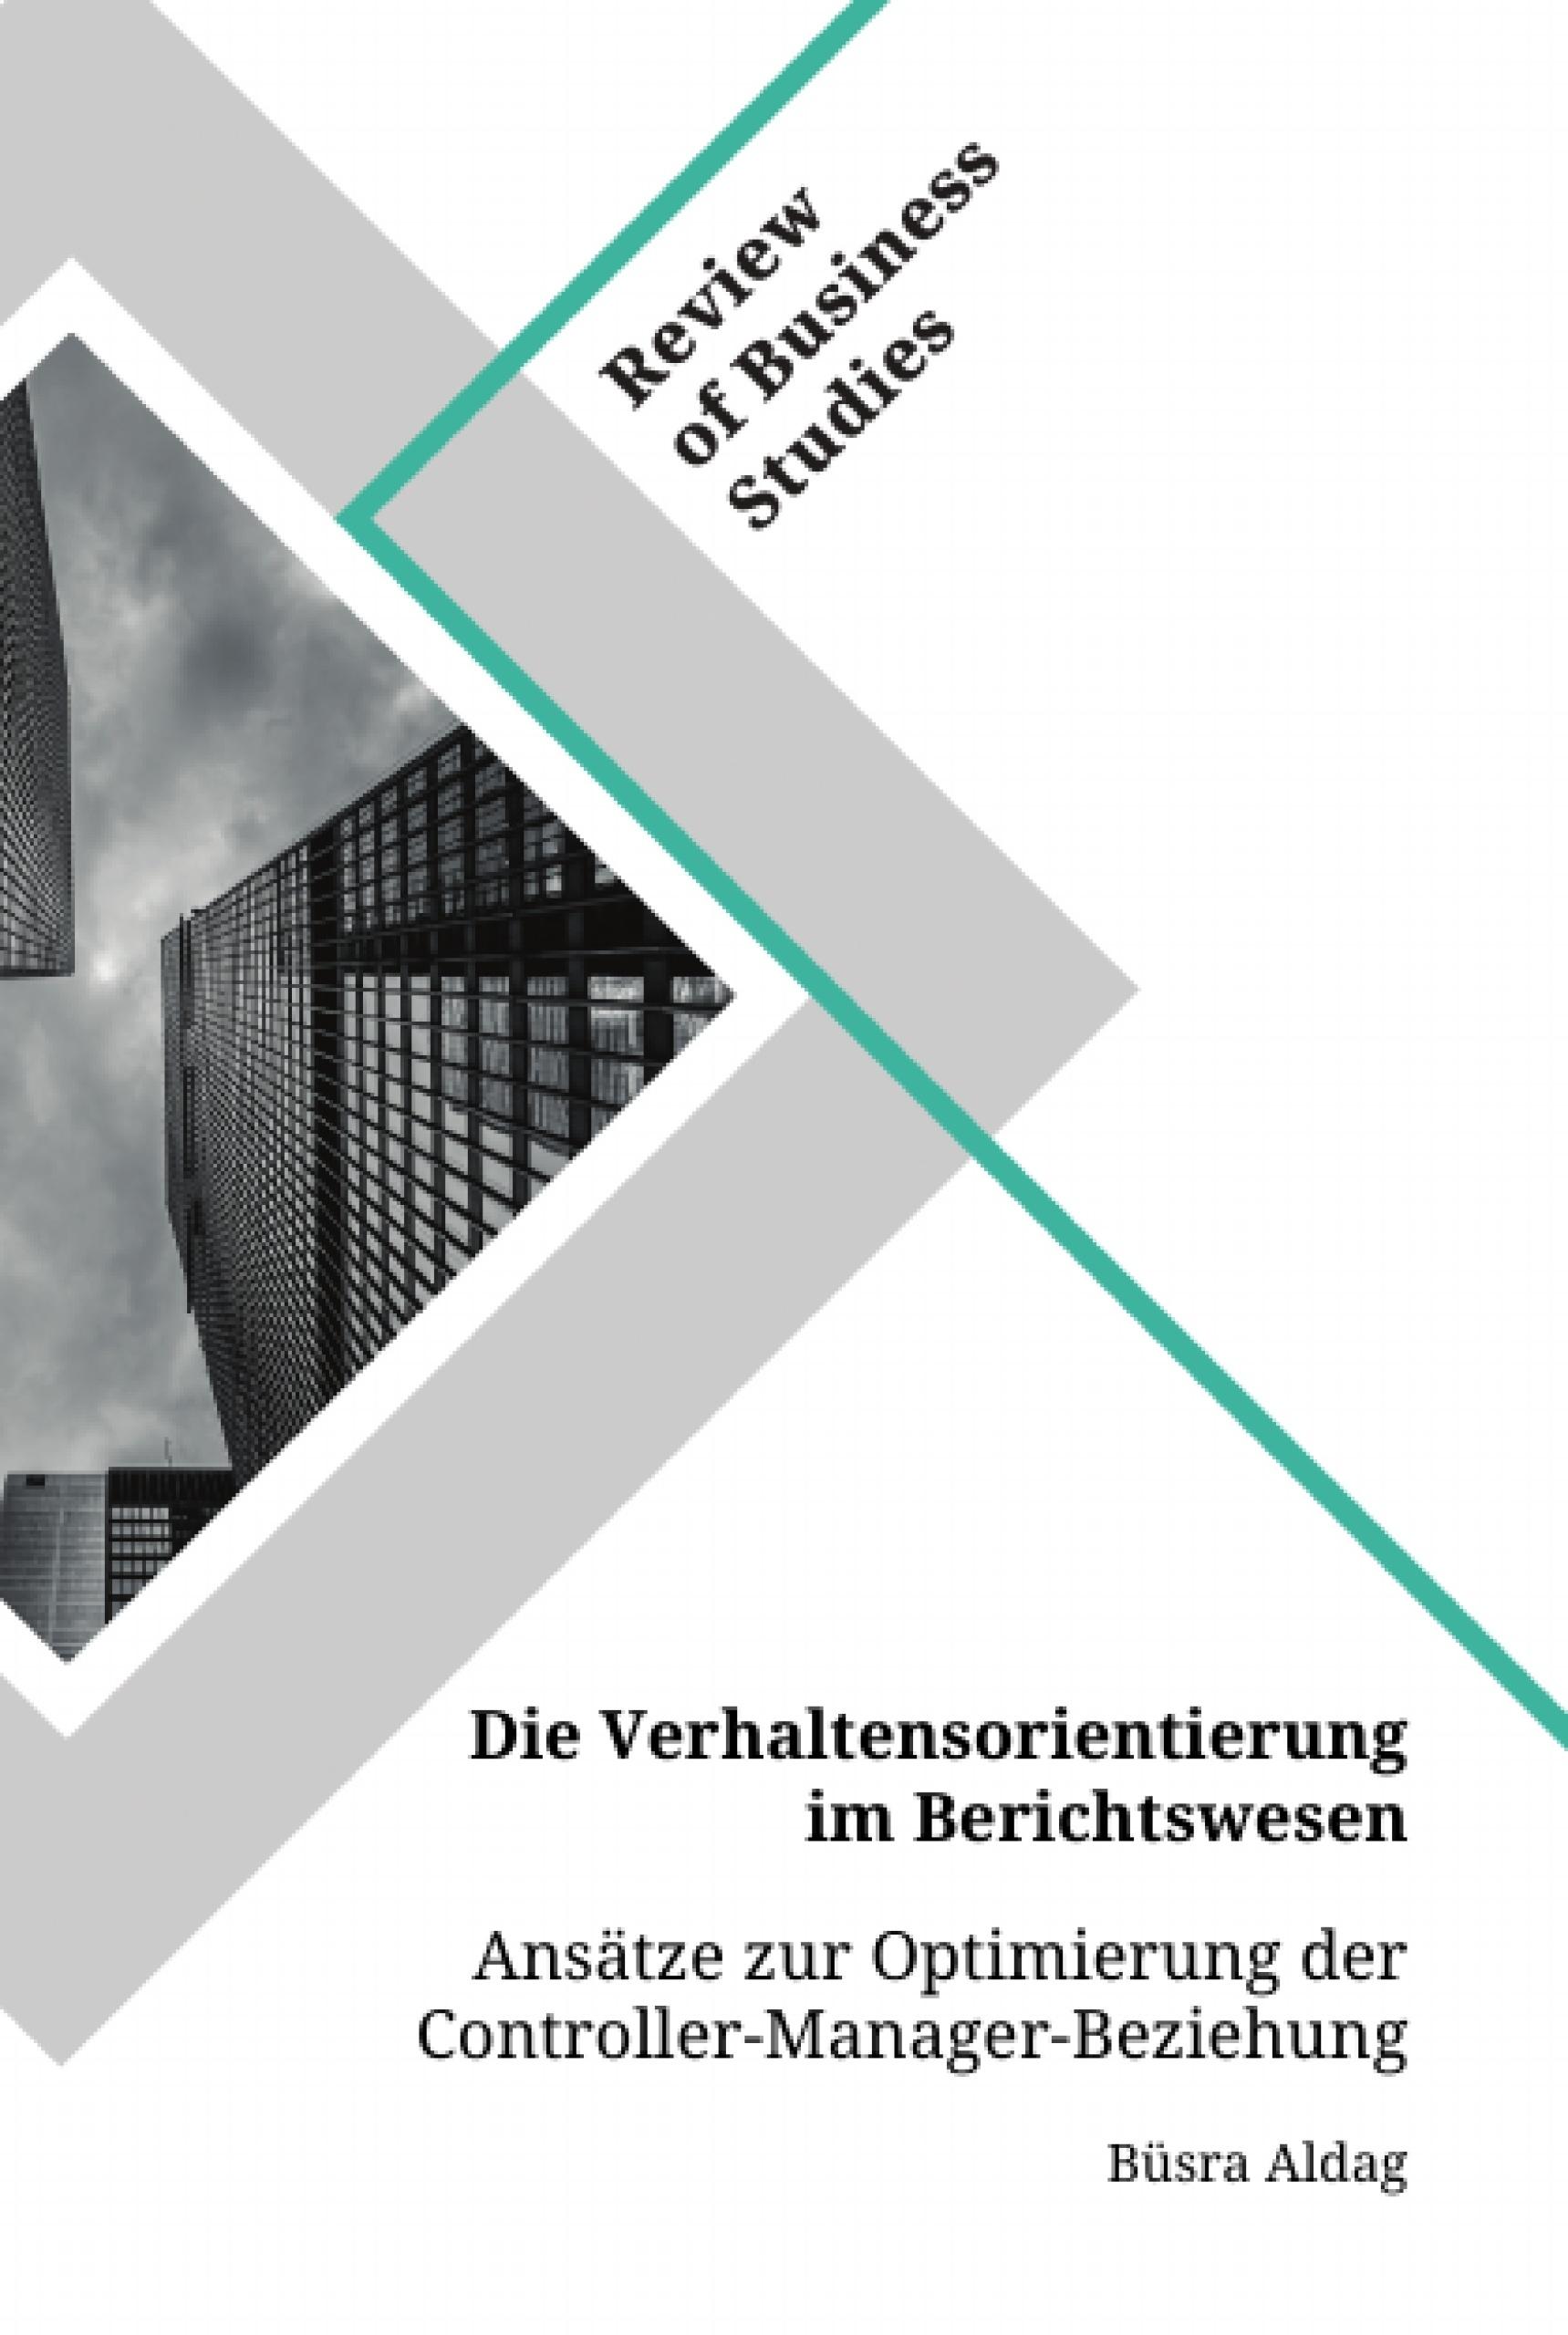 Titel: Die Verhaltensorientierung im Berichtswesen. Ansätze zur Optimierung der Controller-Manager-Beziehung